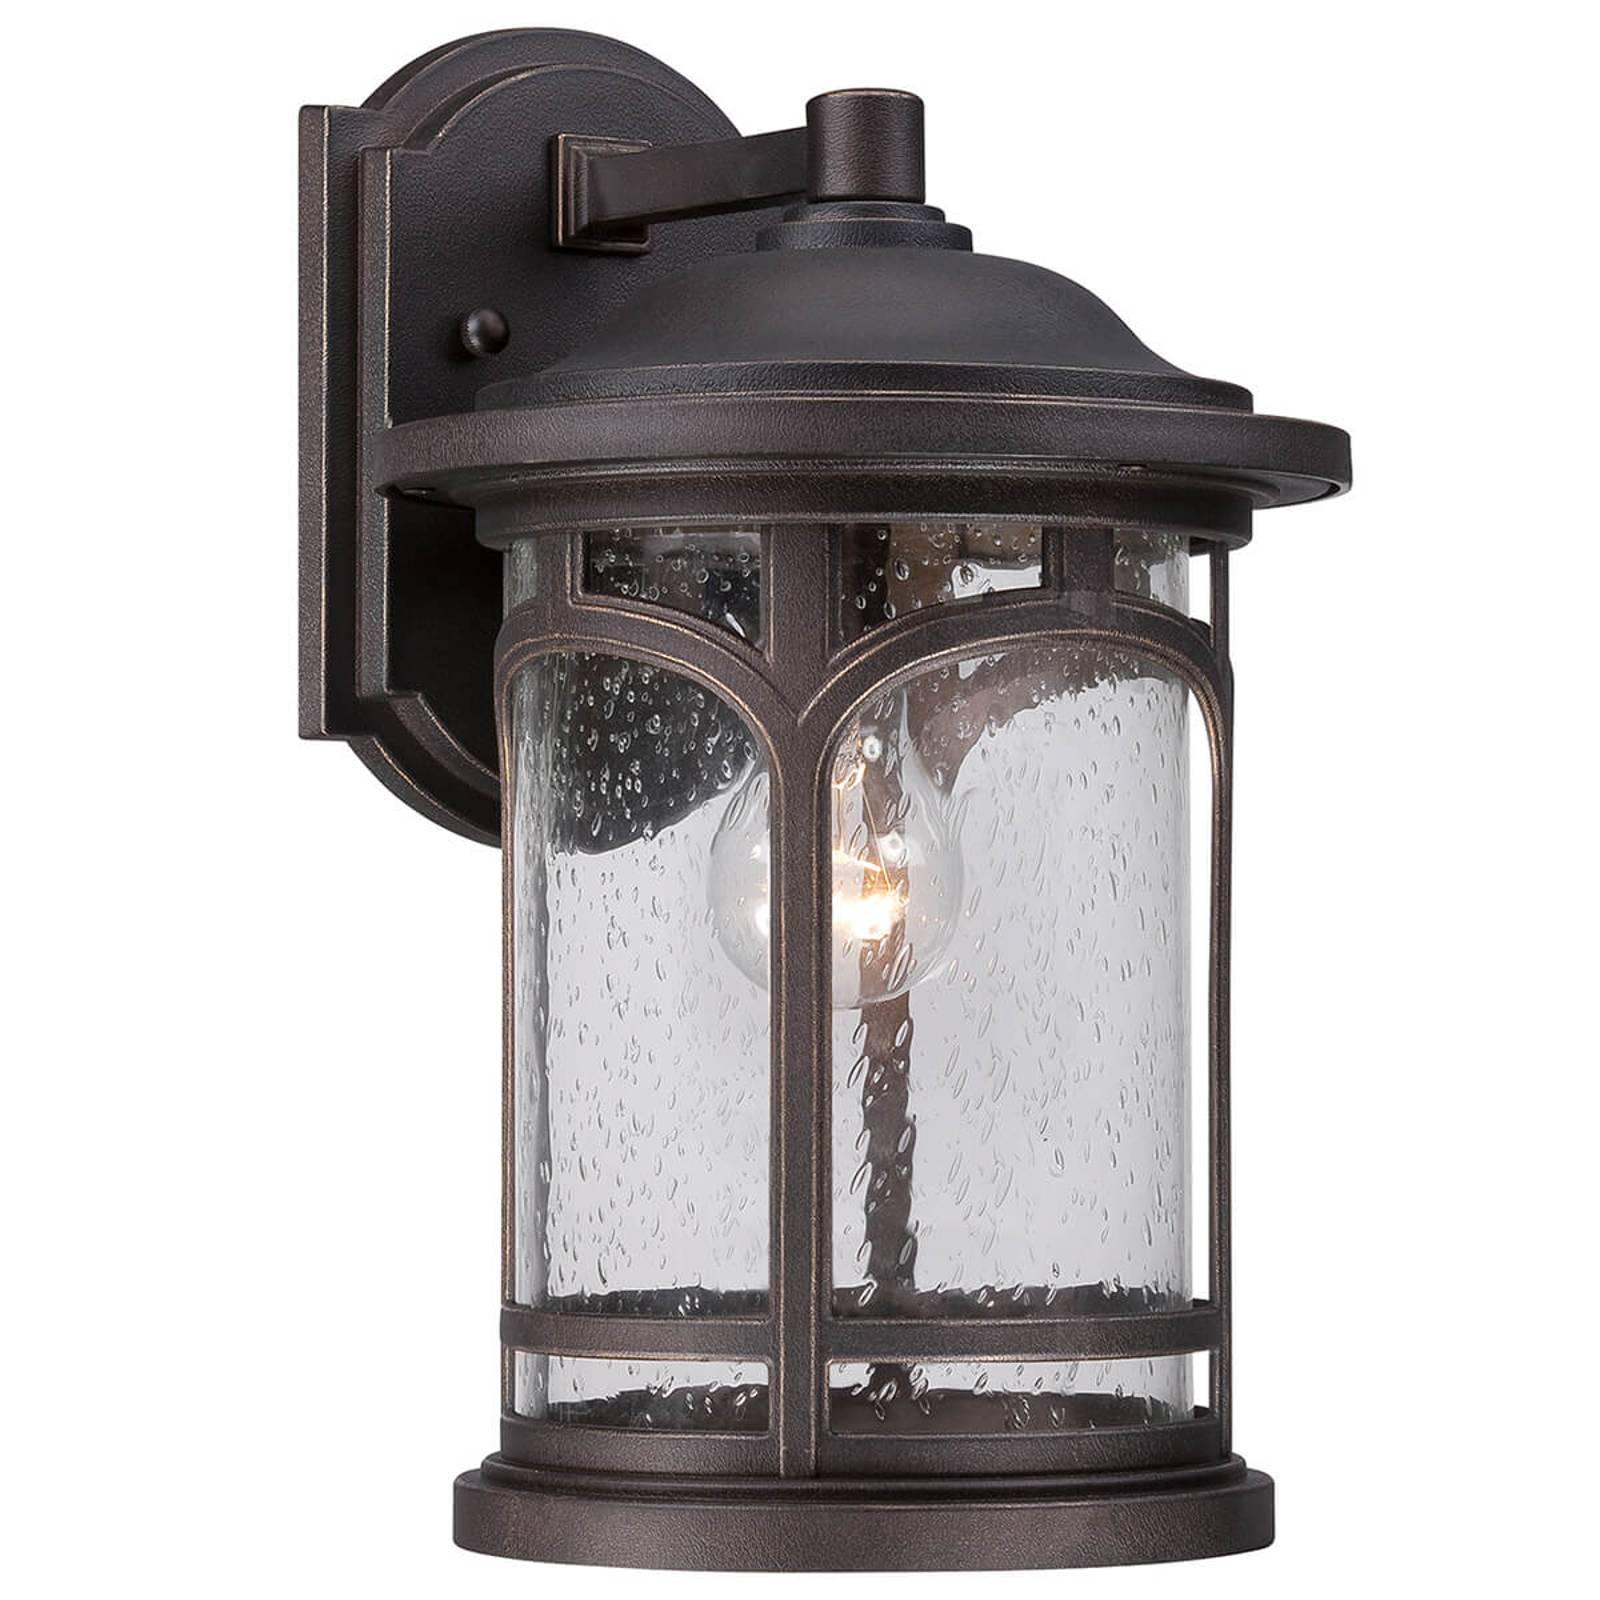 Buitenwandlamp Marblehead, hoogte 37 cm